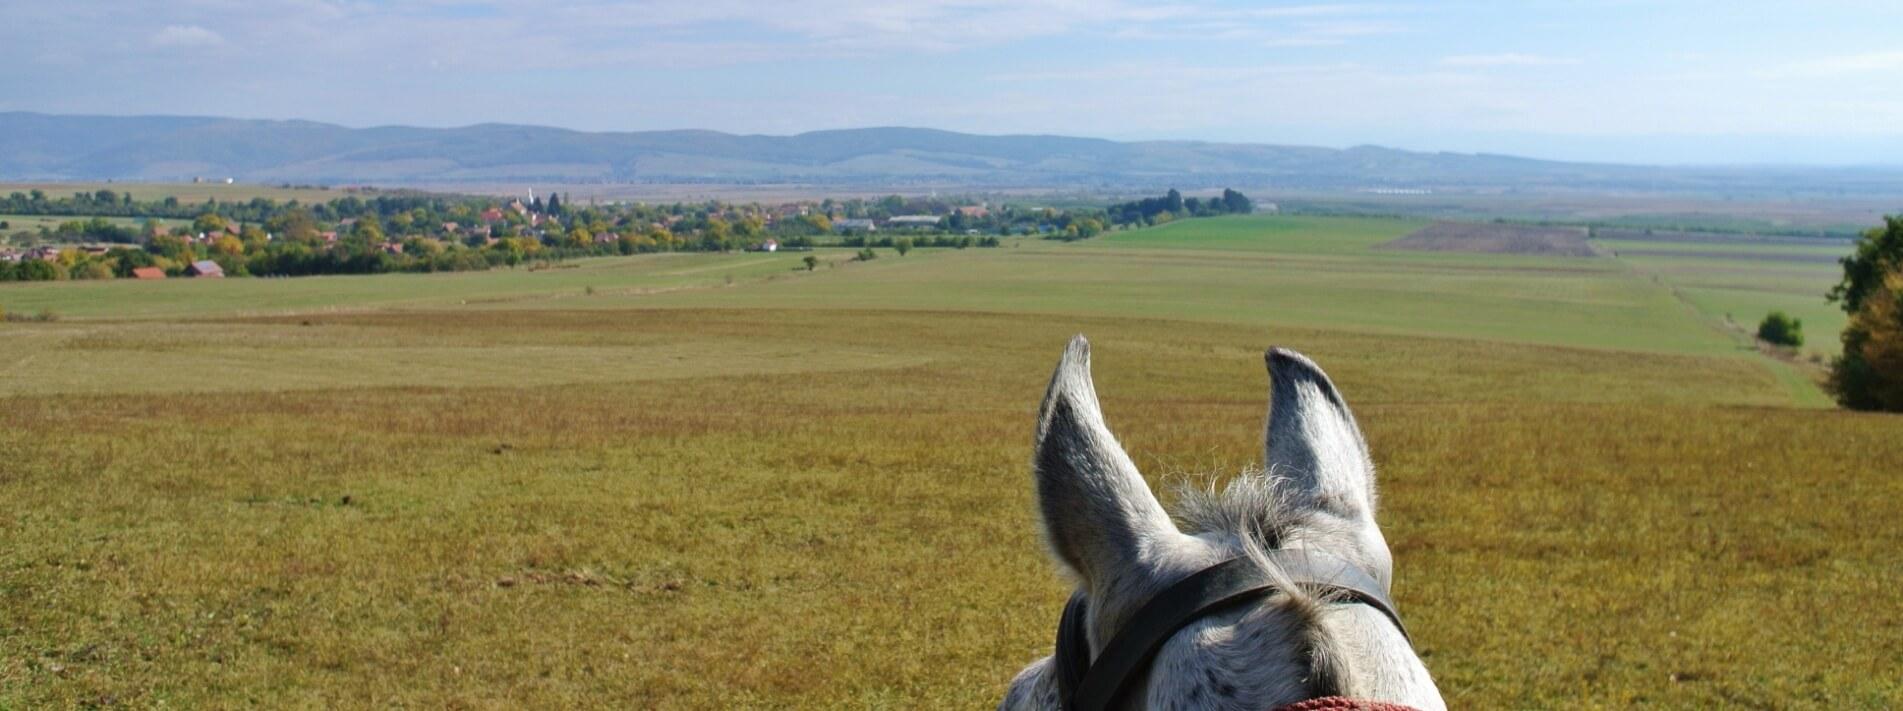 Aussicht auf Landschaft vom Pferderücken